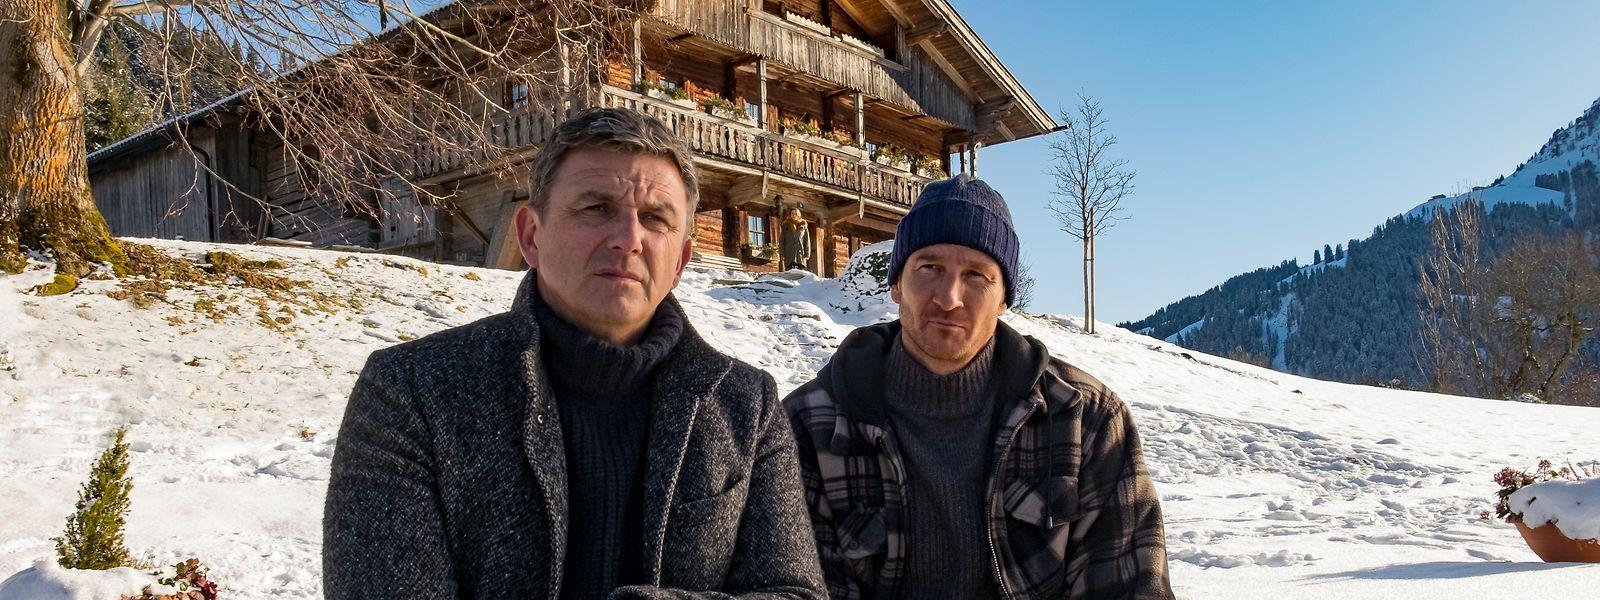 Alltägliches Drama: Martin Gruber (Hans Sigl, l.) sucht Rat bei seinem Bruder Hans (Heiko Ruprecht).